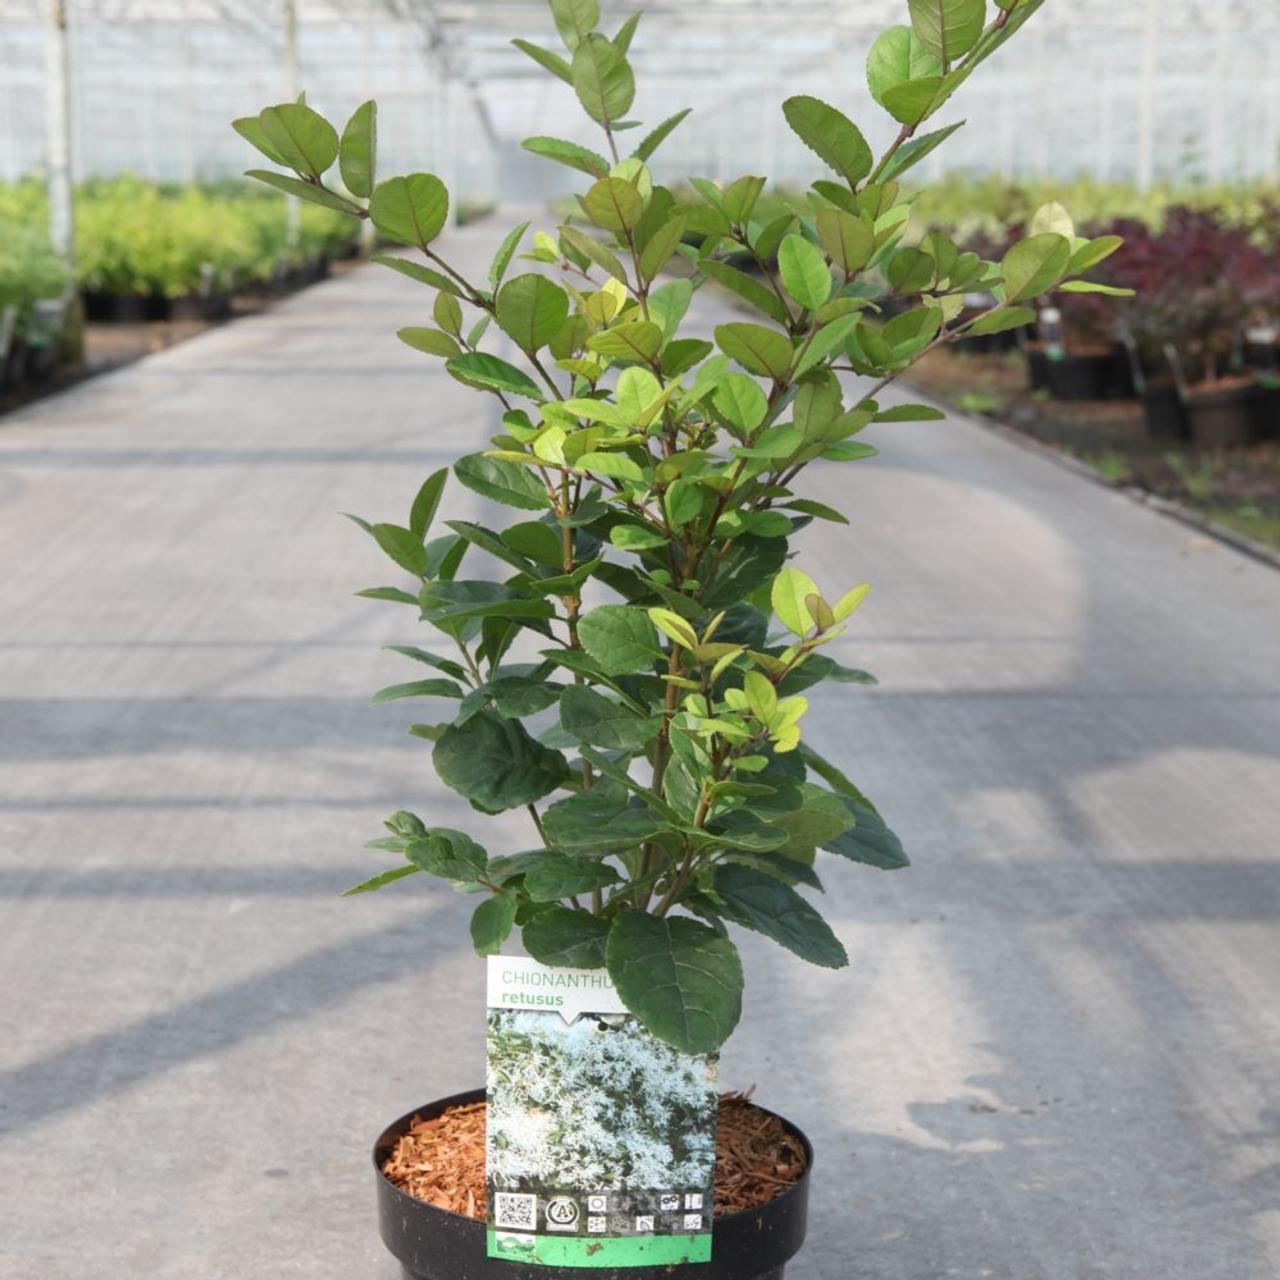 Chionanthus retusus plant